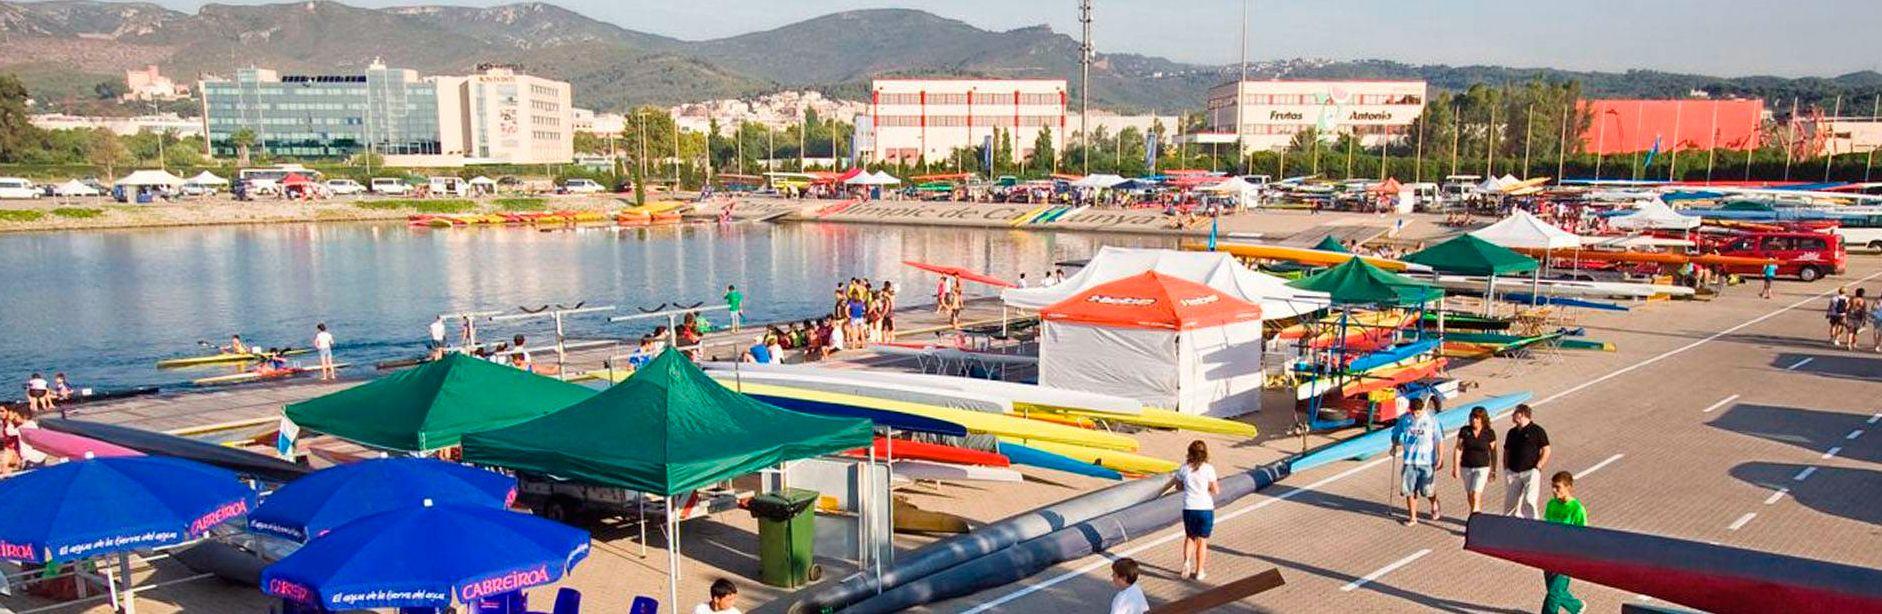 Organización de eventos deportivos en Castelldefels, Barcelona